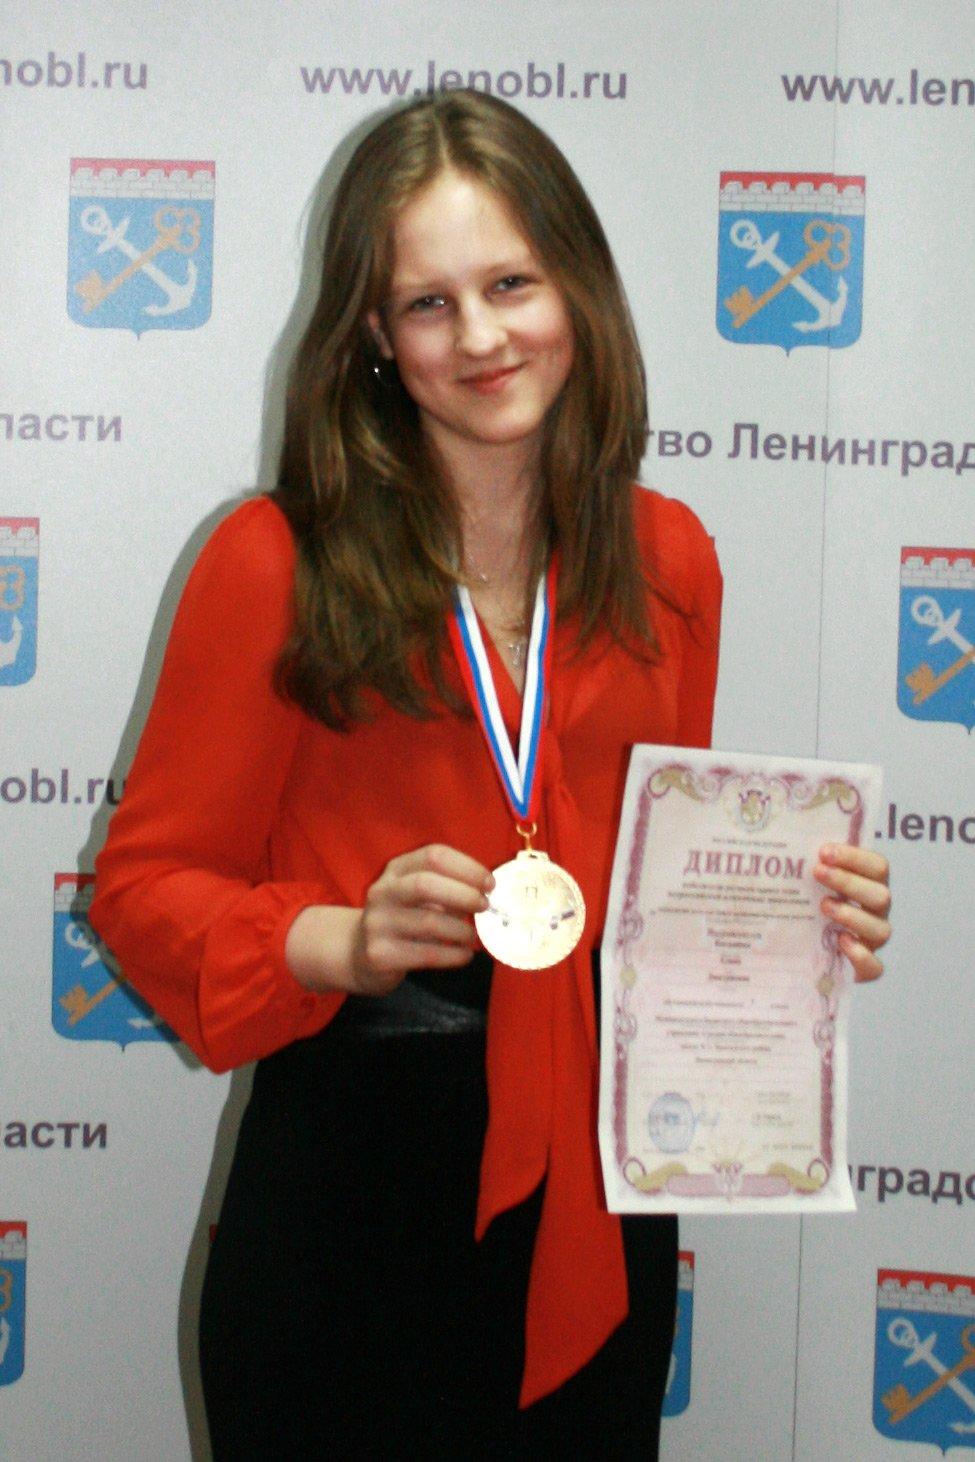 Богданова Алина